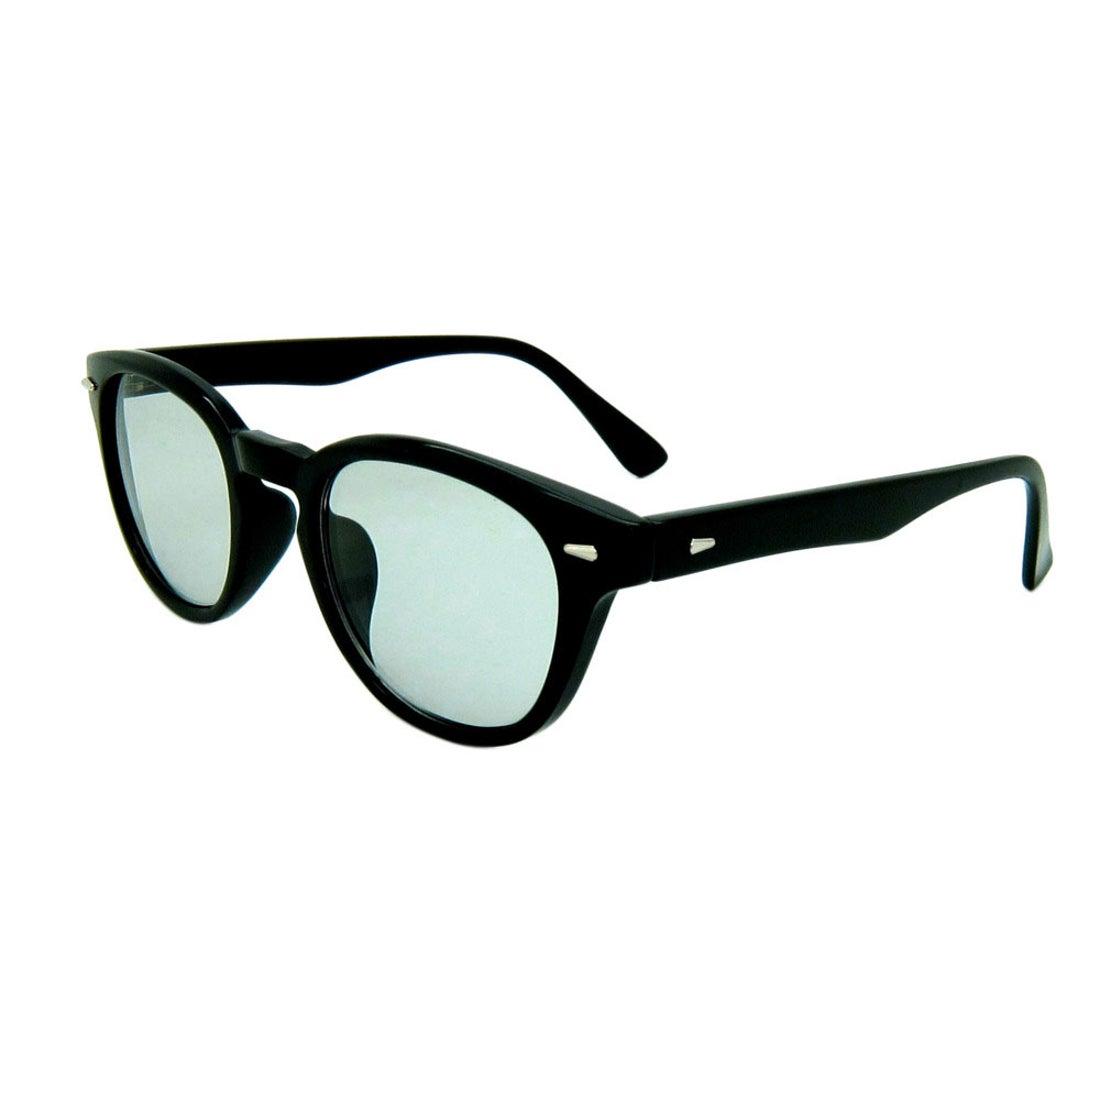 ノーブランド No Brand サングラス sunglass 5005 (ブラック/ライトグレー)